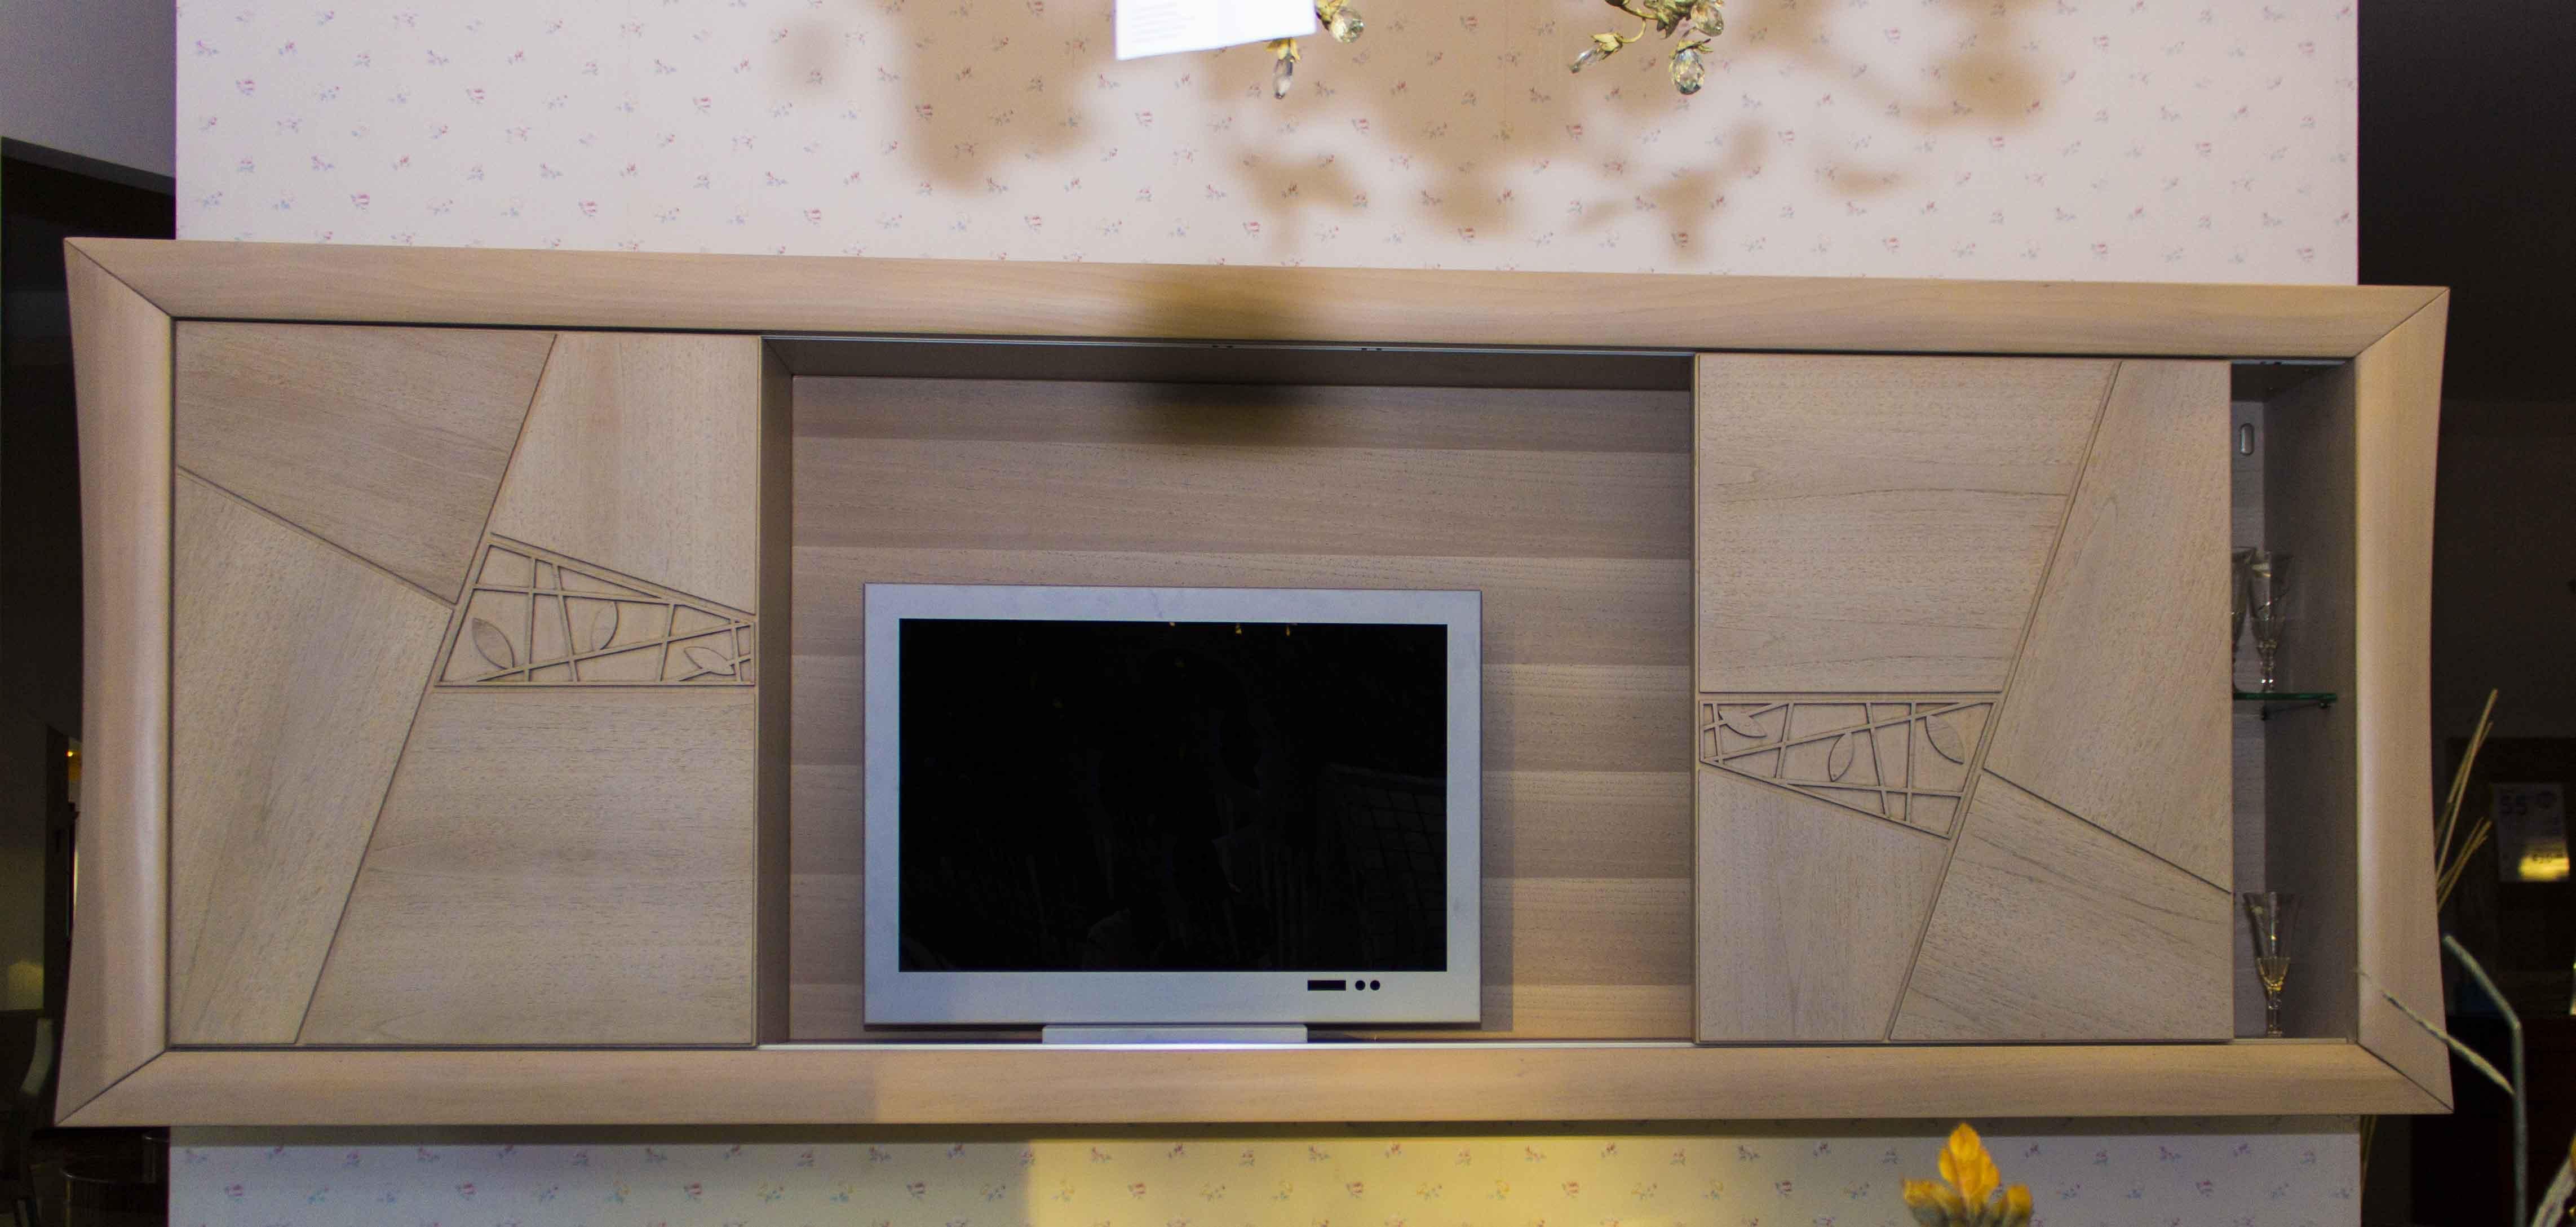 Pensile porta tv modo10 decor lux scontato del 68 for Modo 10 decor prezzi